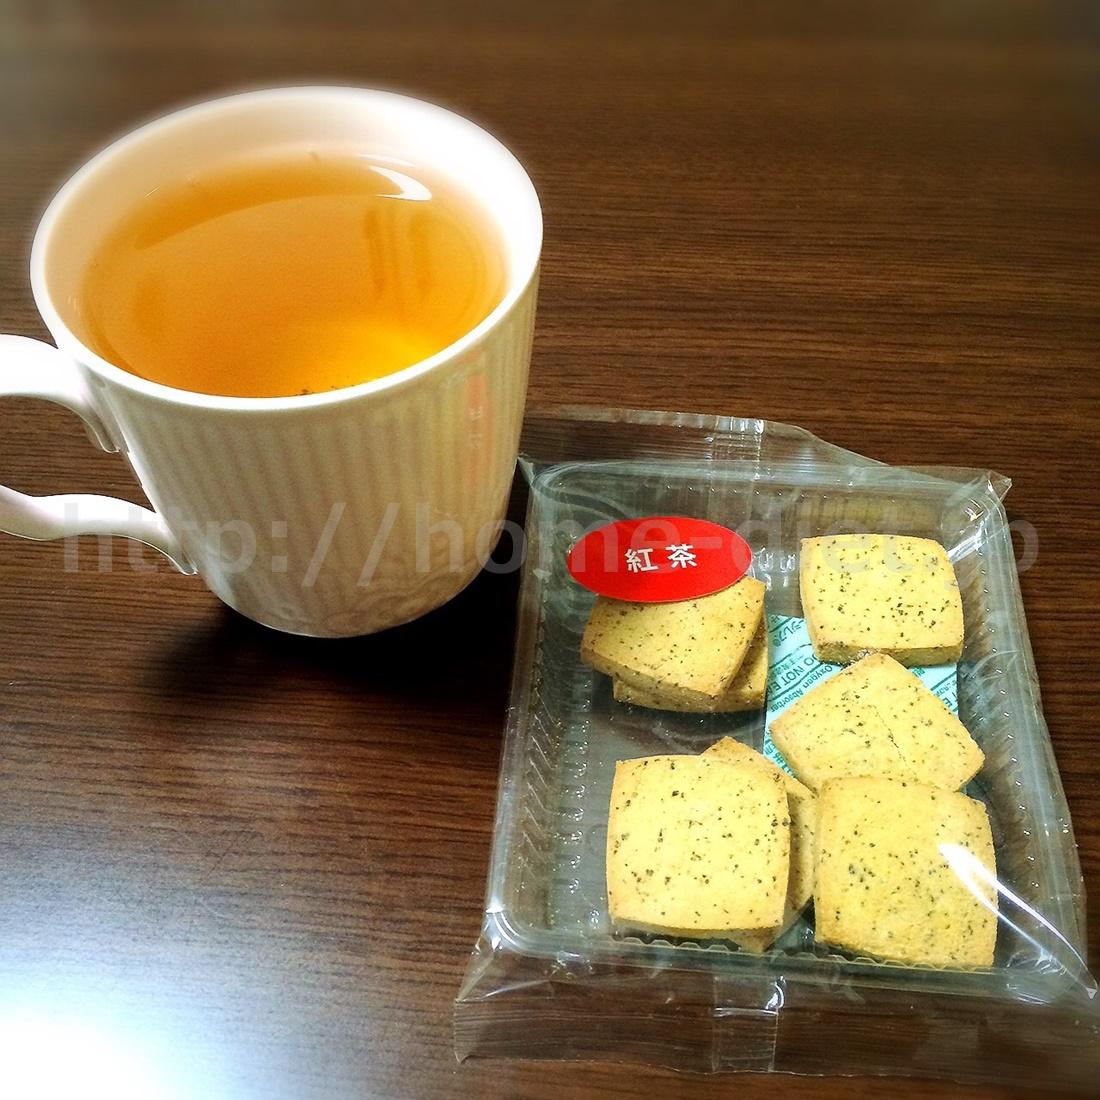 紅茶に紅茶味豆乳クッキーの組み合わせ